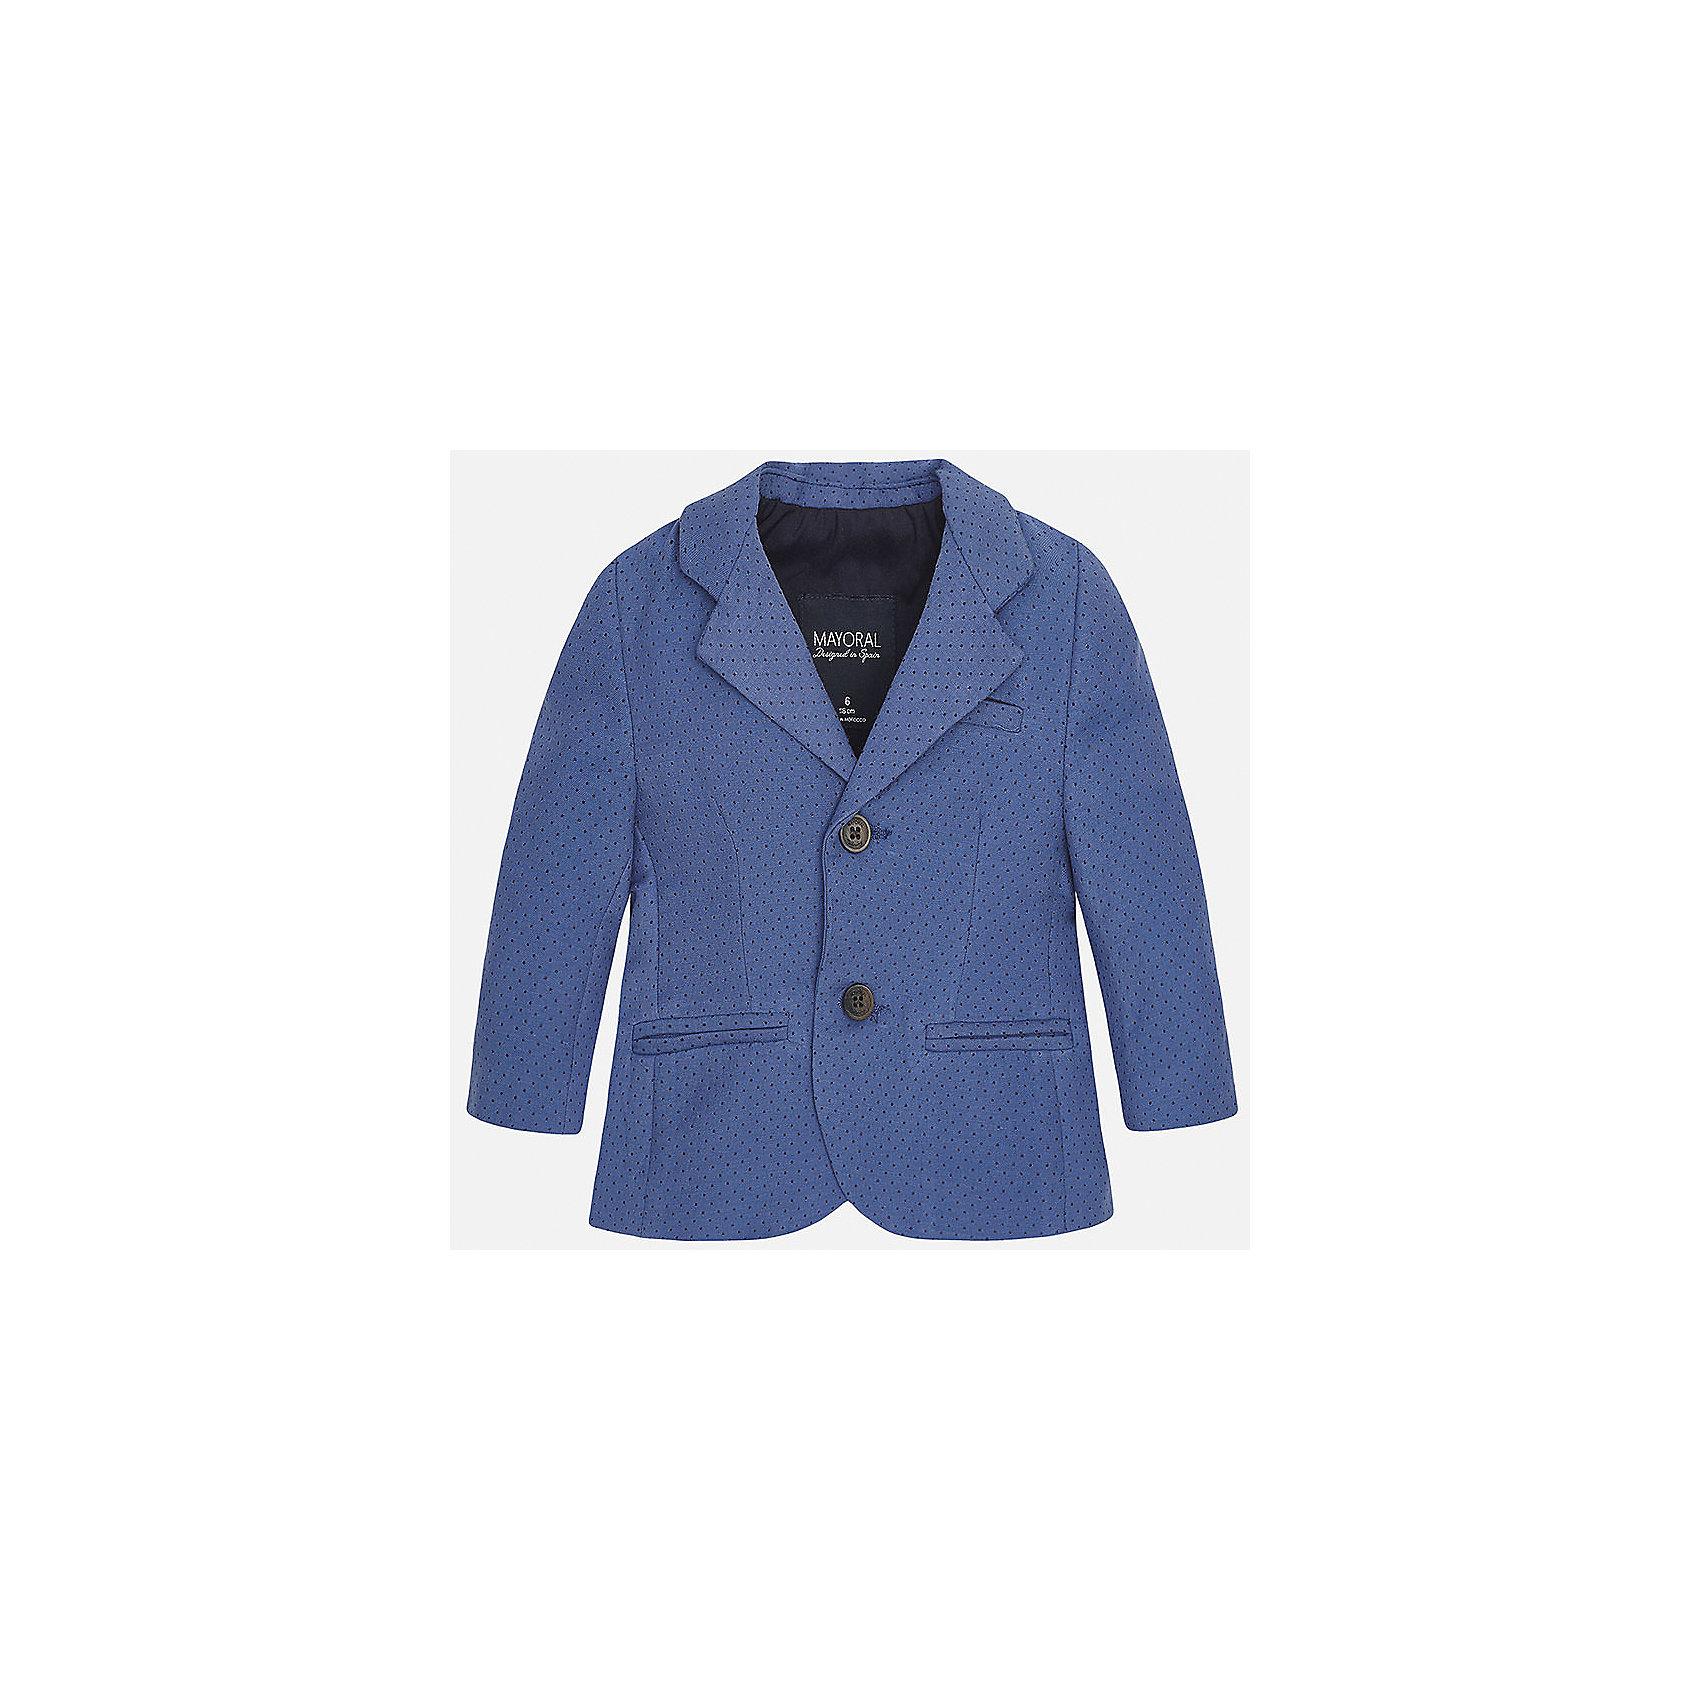 Пиджак для мальчика MayoralХарактеристики товара:<br><br>• цвет: синий<br>• состав: 87% хлопок, 10% полиэстер, 3% эластан<br>• в мелкий горошек<br>• рукава длинные <br>• карманы<br>• пуговицы <br>• отложной воротник<br>• страна бренда: Испания<br><br>Удобный и красивый пиджак для мальчика поможет разнообразить гардероб ребенка и создать элегантный наряд. Он отлично сочетается и с джинсами, и с брюками. Универсальный цвет позволяет подобрать к вещи низ различных расцветок. Интересная отделка модели делает её нарядной и оригинальной. В составе материала - натуральный хлопок, гипоаллергенный, приятный на ощупь, дышащий.<br><br>Одежда, обувь и аксессуары от испанского бренда Mayoral полюбились детям и взрослым по всему миру. Модели этой марки - стильные и удобные. Для их производства используются только безопасные, качественные материалы и фурнитура. Порадуйте ребенка модными и красивыми вещами от Mayoral! <br><br>Пиджак для мальчика от испанского бренда Mayoral (Майорал) можно купить в нашем интернет-магазине.<br><br>Ширина мм: 174<br>Глубина мм: 10<br>Высота мм: 169<br>Вес г: 157<br>Цвет: синий<br>Возраст от месяцев: 12<br>Возраст до месяцев: 15<br>Пол: Мужской<br>Возраст: Детский<br>Размер: 80,86,92,74<br>SKU: 5279561